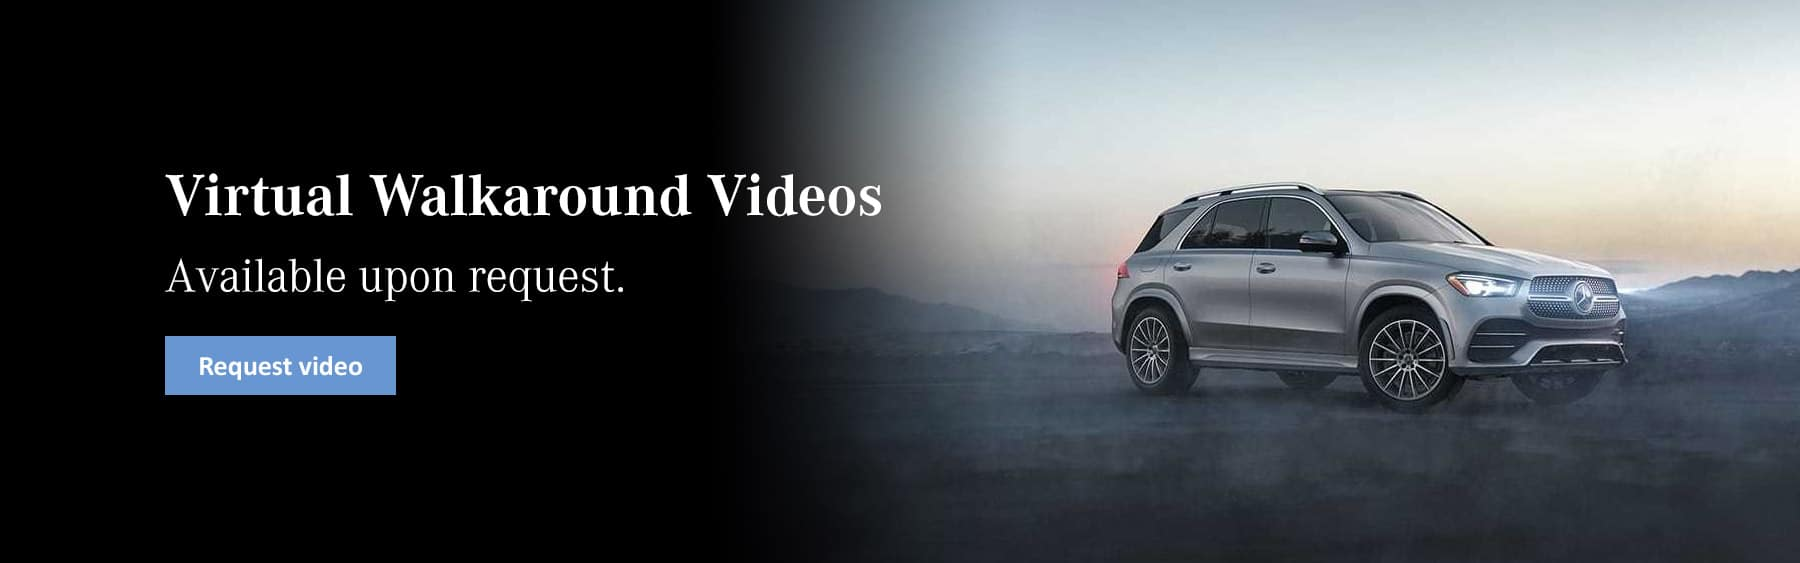 Mercedes-Benz Virtual Walkaround Videos